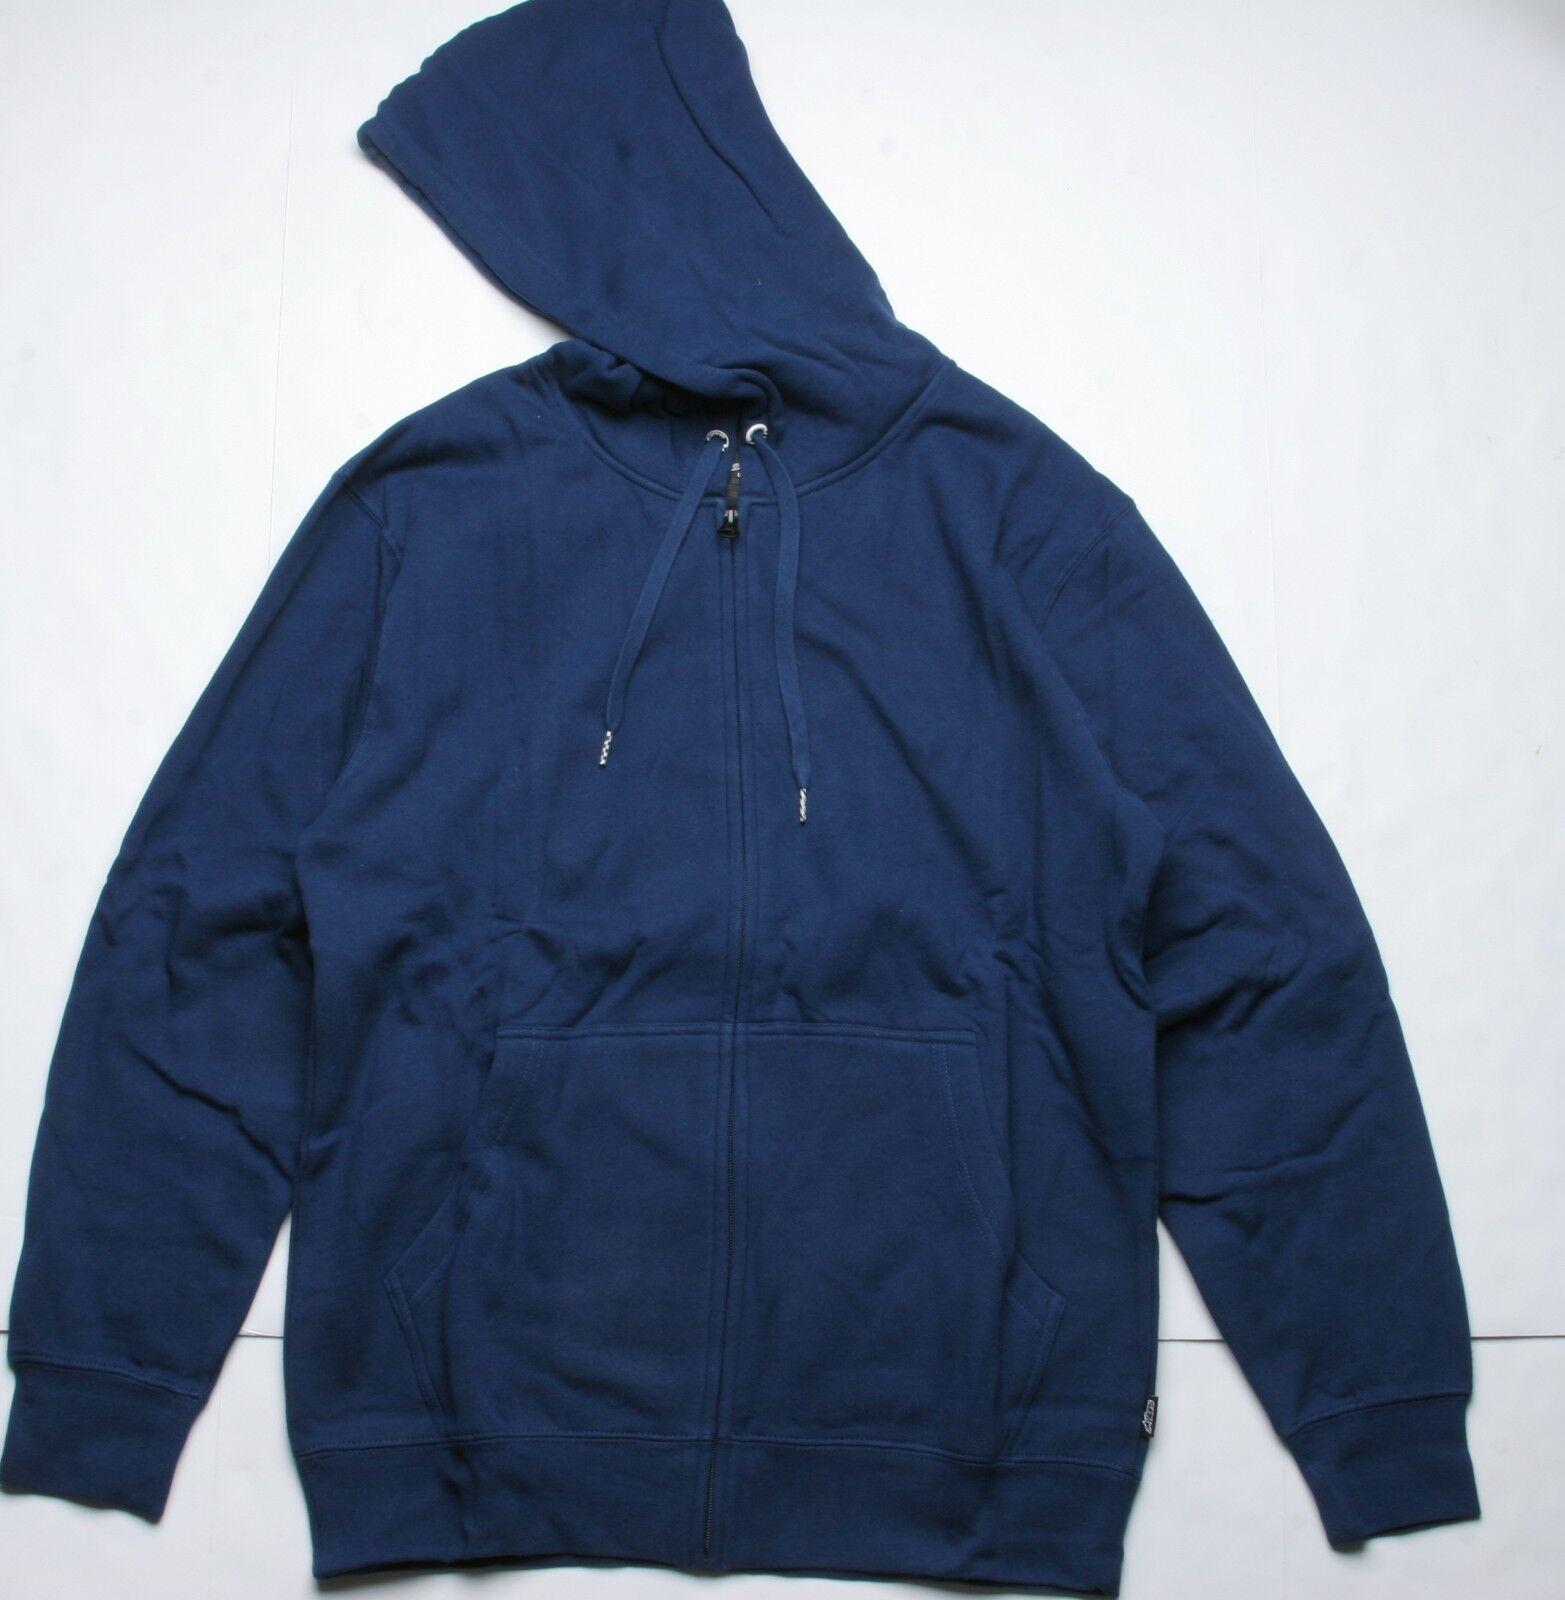 Alpinestars Basic Fleece Zip Hoody (M) Midnight Navy